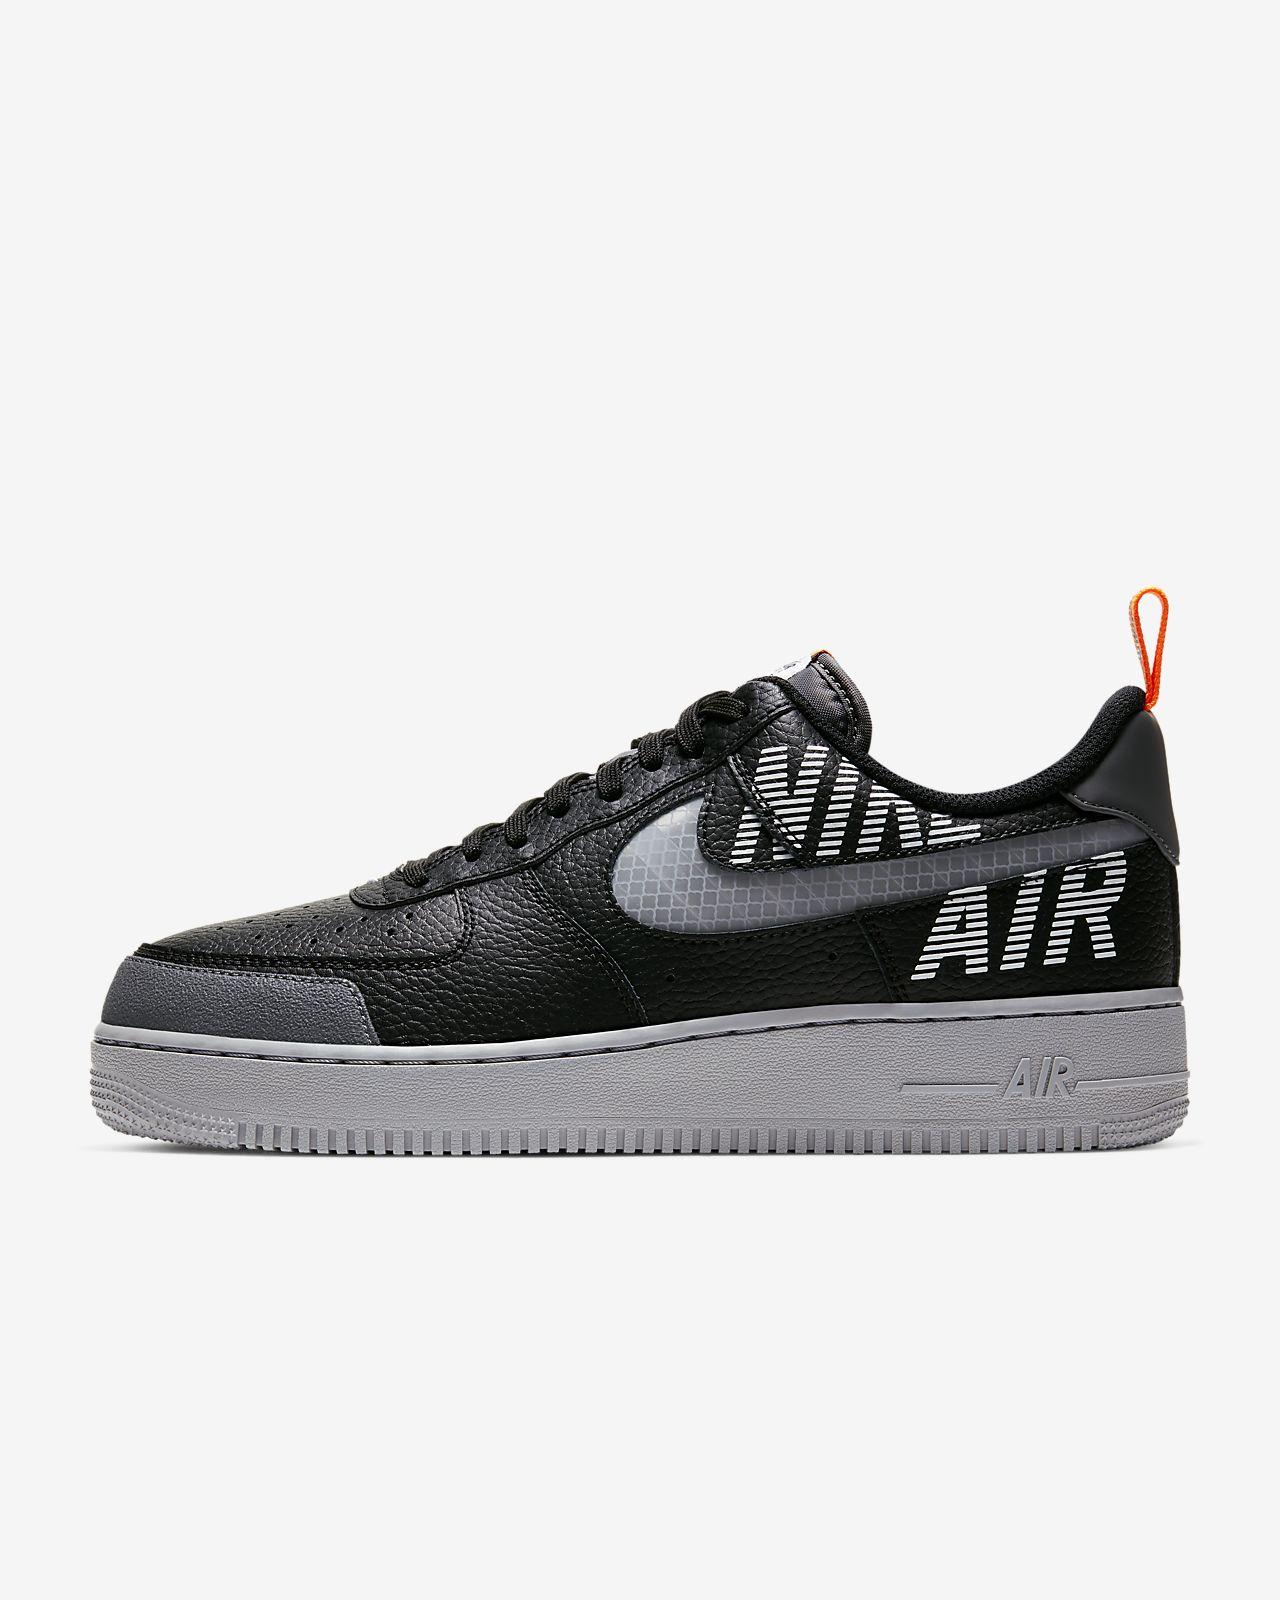 Pánská bota Nike Air Force 1 '07 LV8